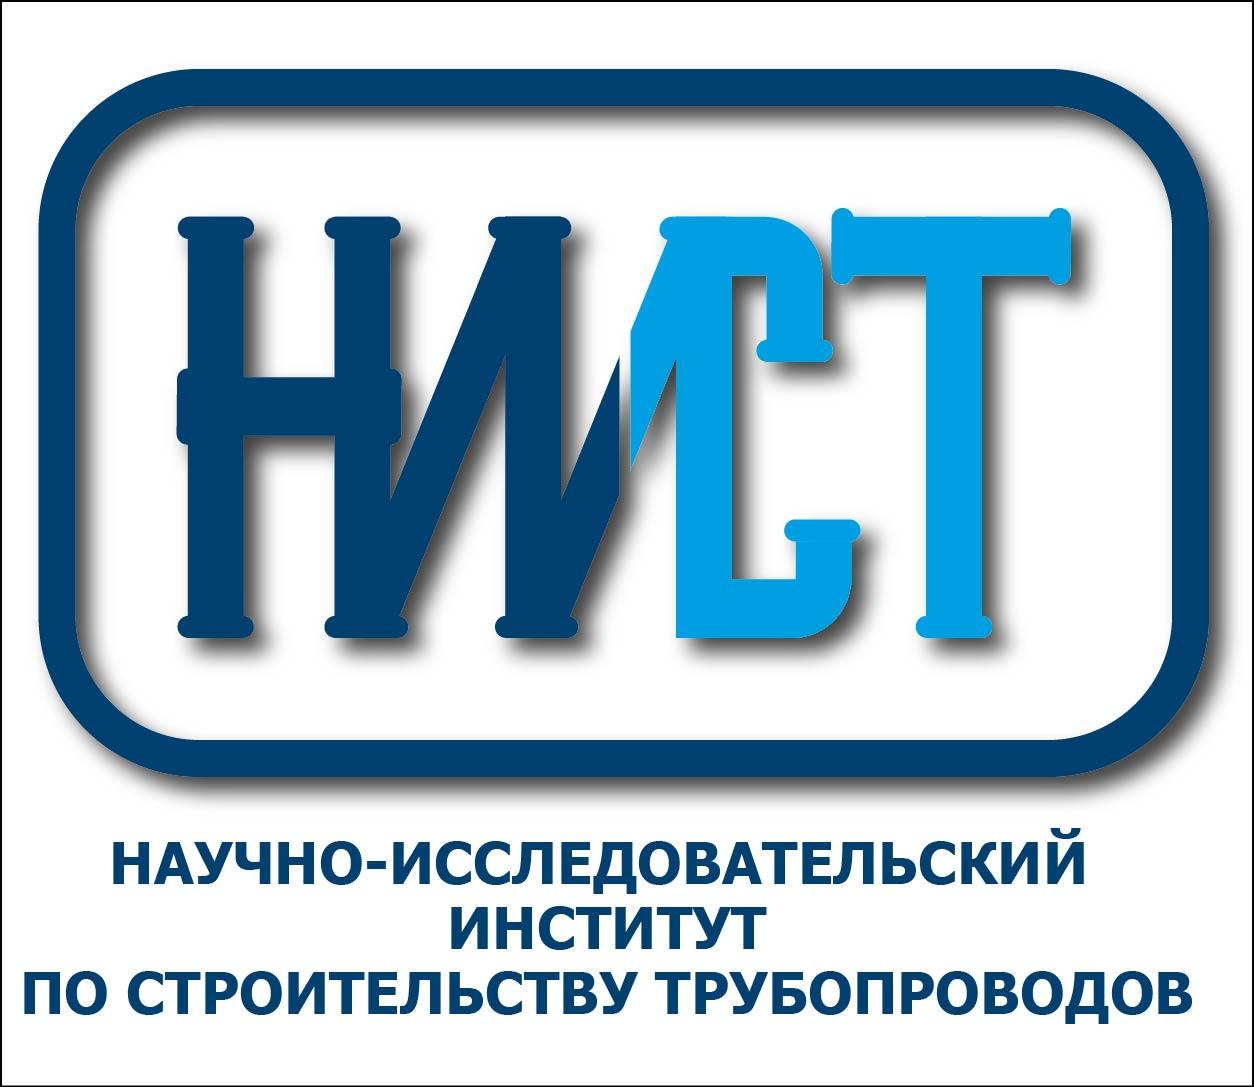 Разработка логотипа фото f_9495ba18999b1805.jpg